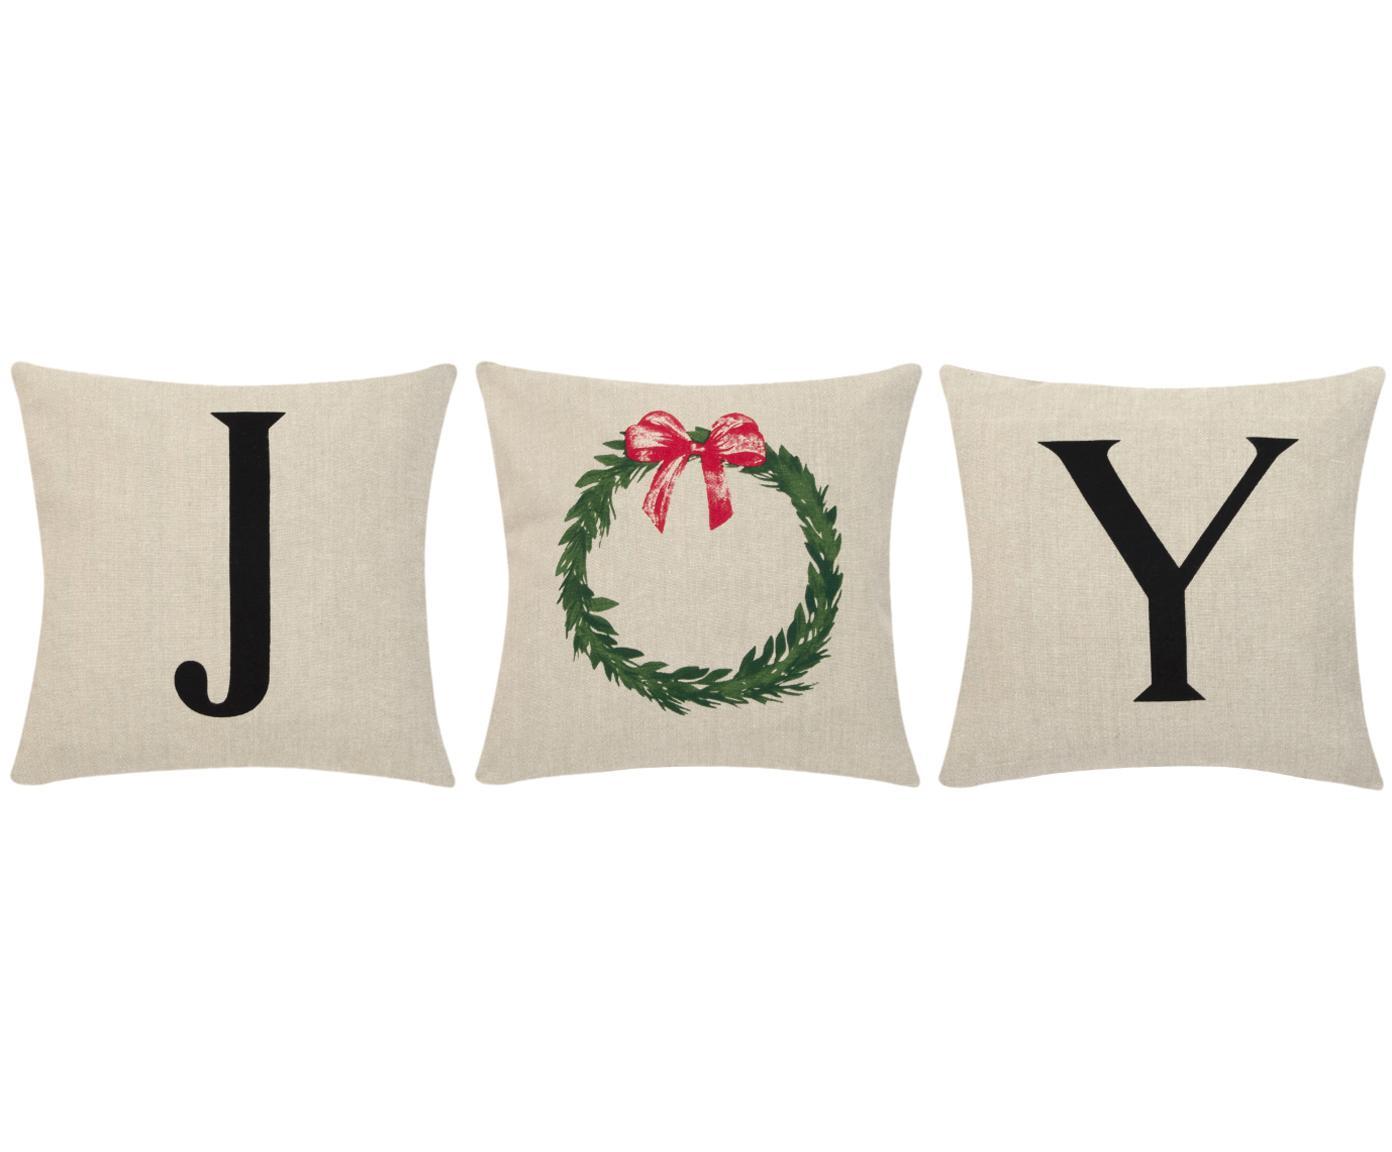 Kissenhüllen 3er Set Joy, Baumwolle, Beige, Schwarz, 40 x 40 cm